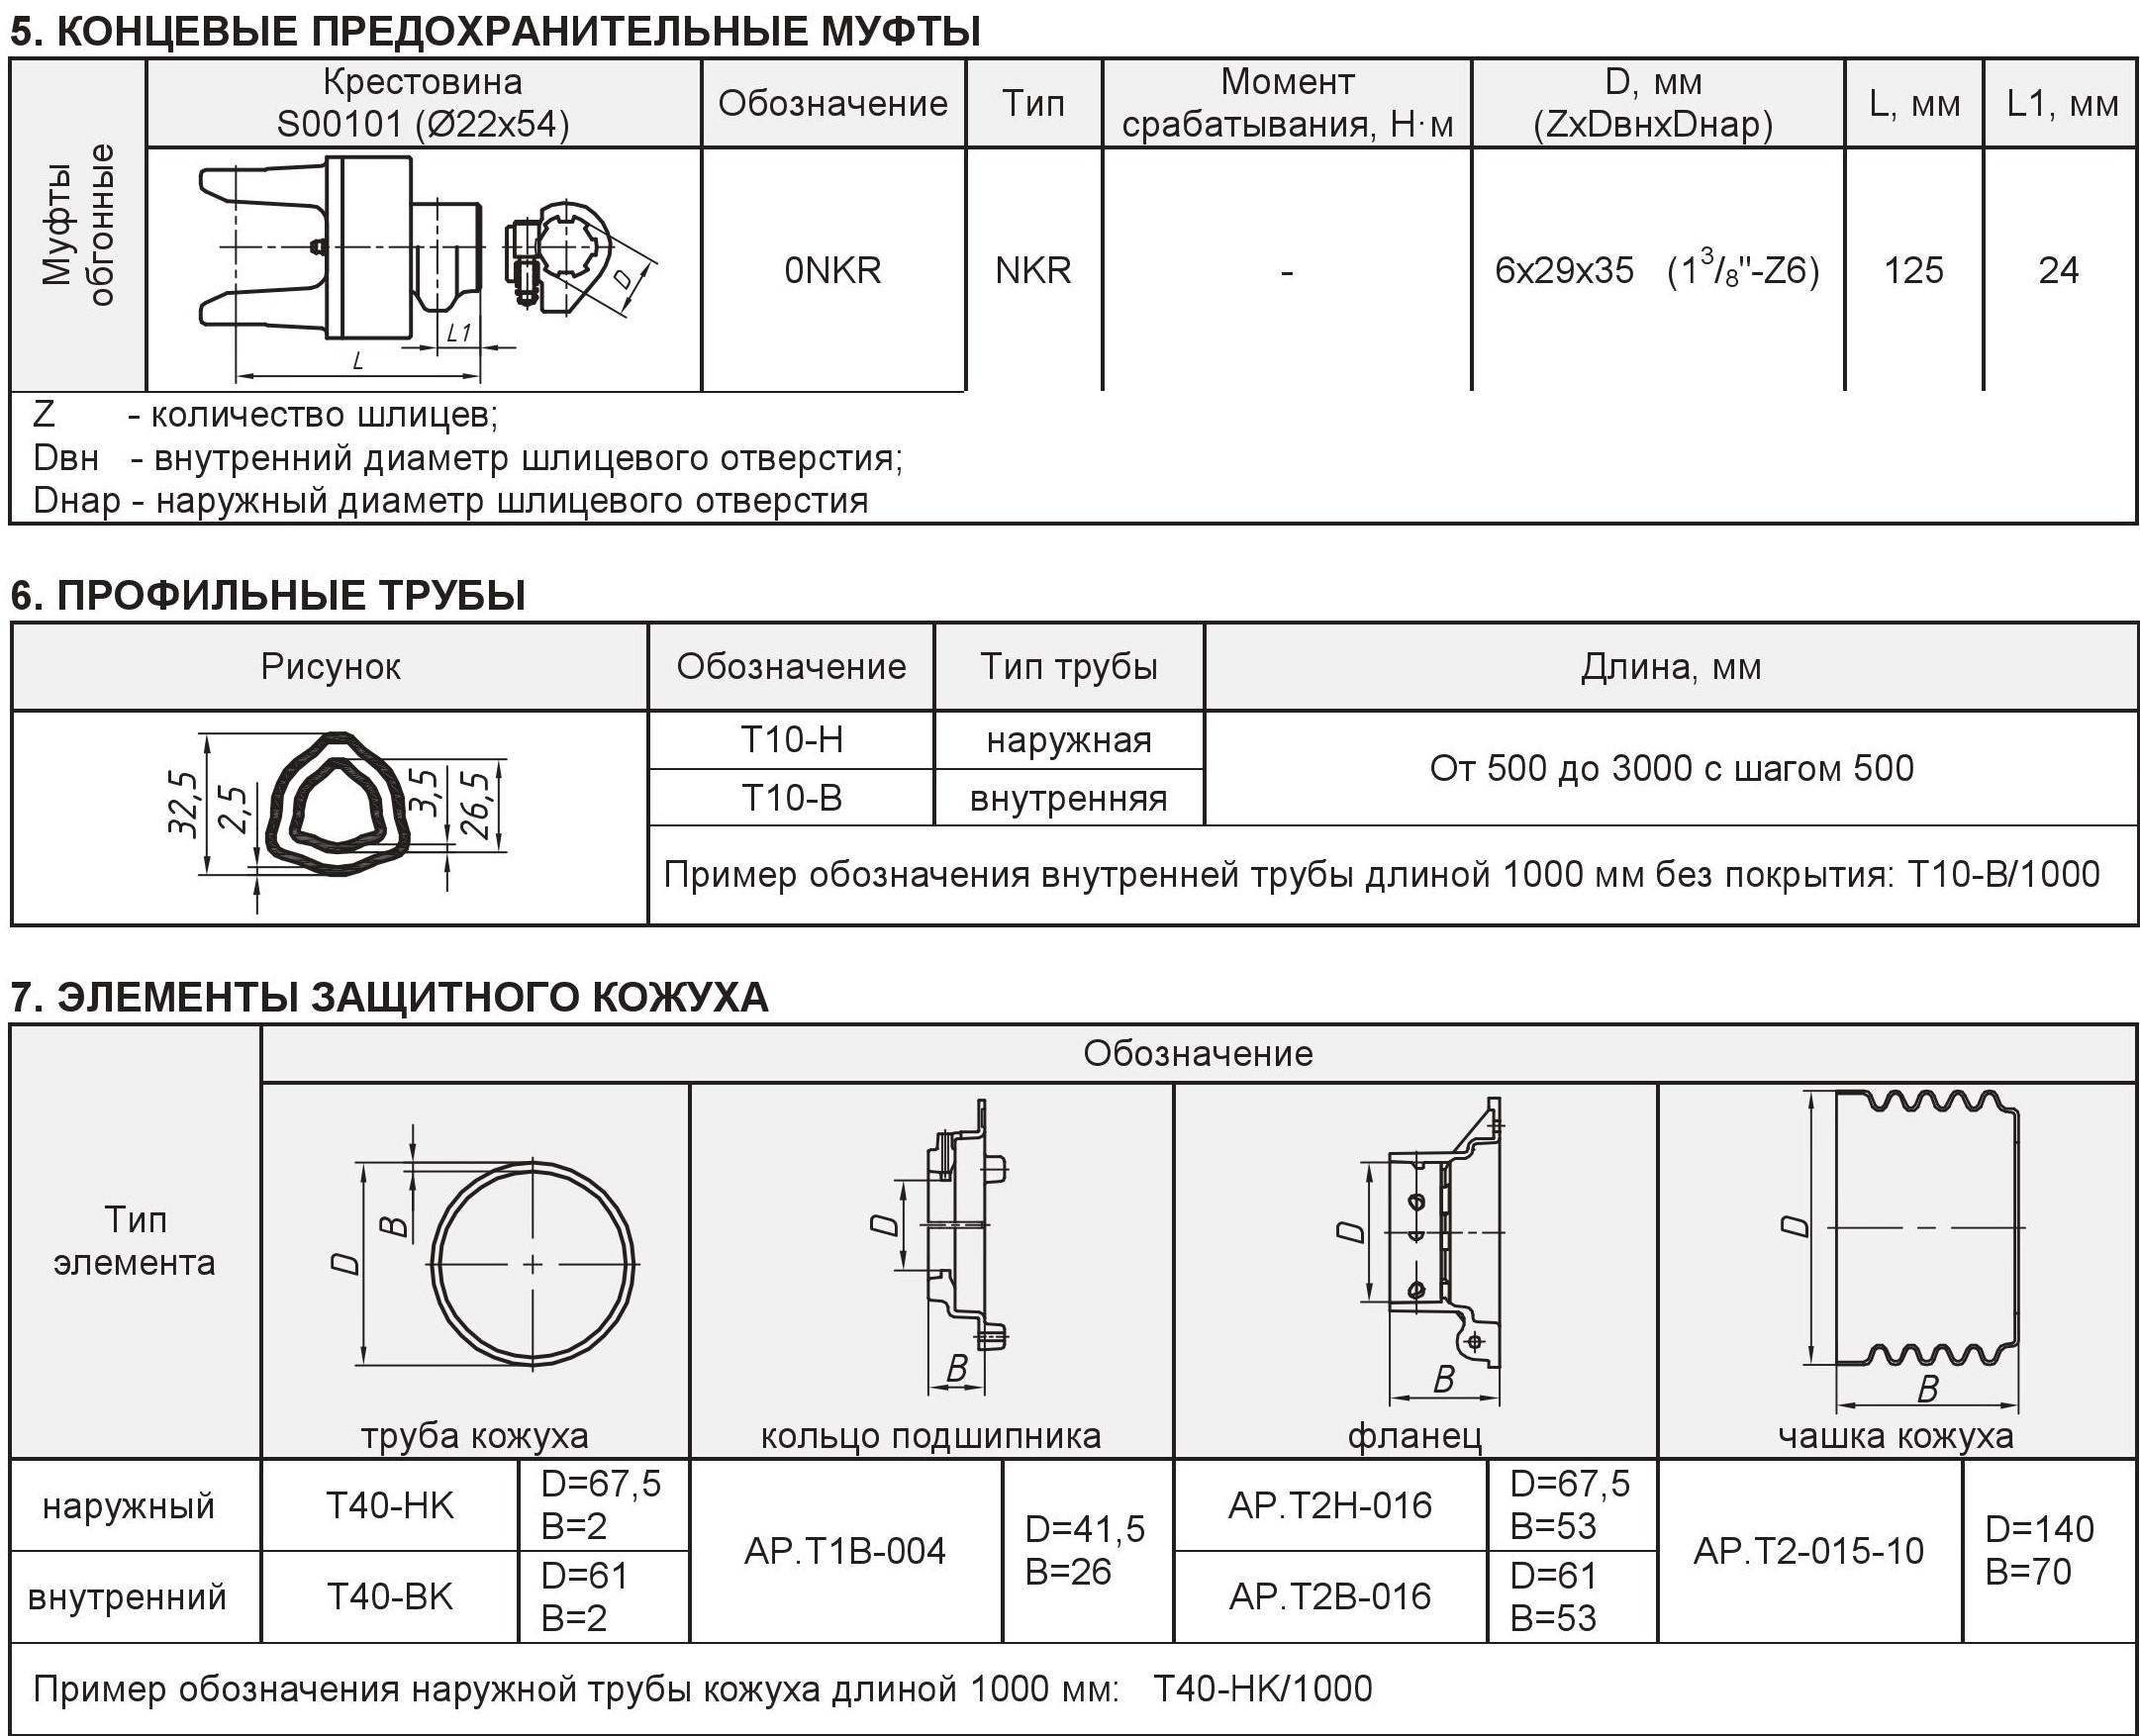 Таблицы значений карданов типа L1